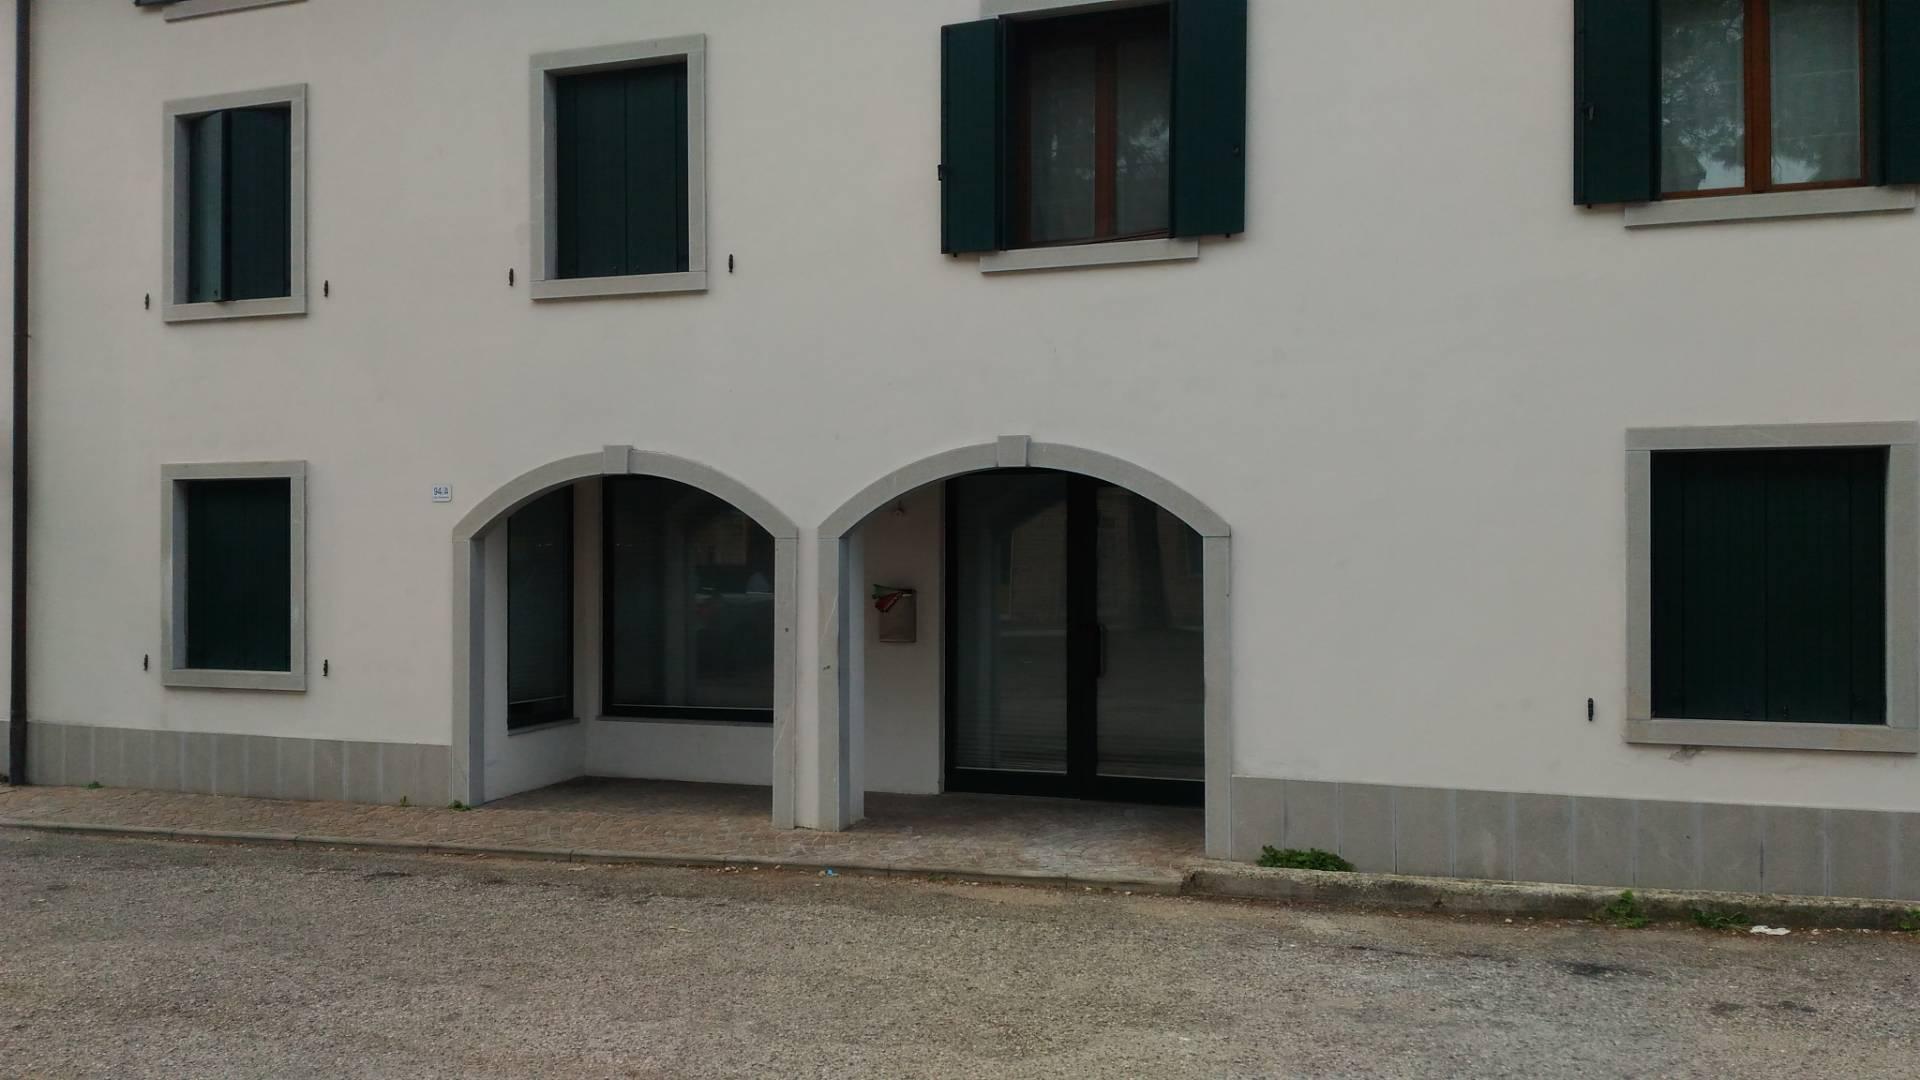 Negozio / Locale in vendita a Udine, 9999 locali, zona Località: VIALETRICESIMO, prezzo € 115.000 | CambioCasa.it